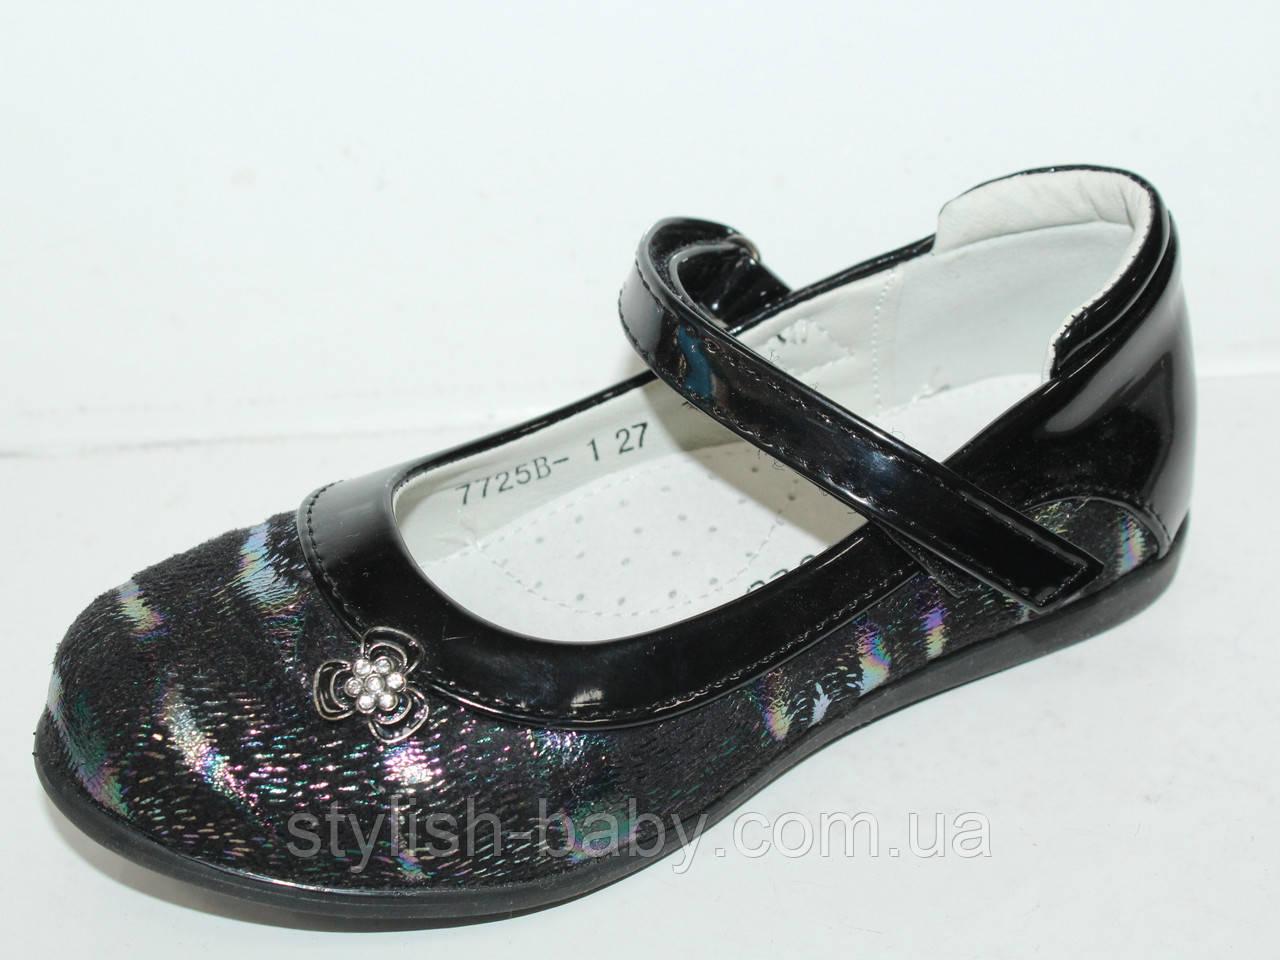 Детская обувь от производителя. Детские школьные туфли бренда Lilin Shoes для девочек (рр. с 27 по 32)